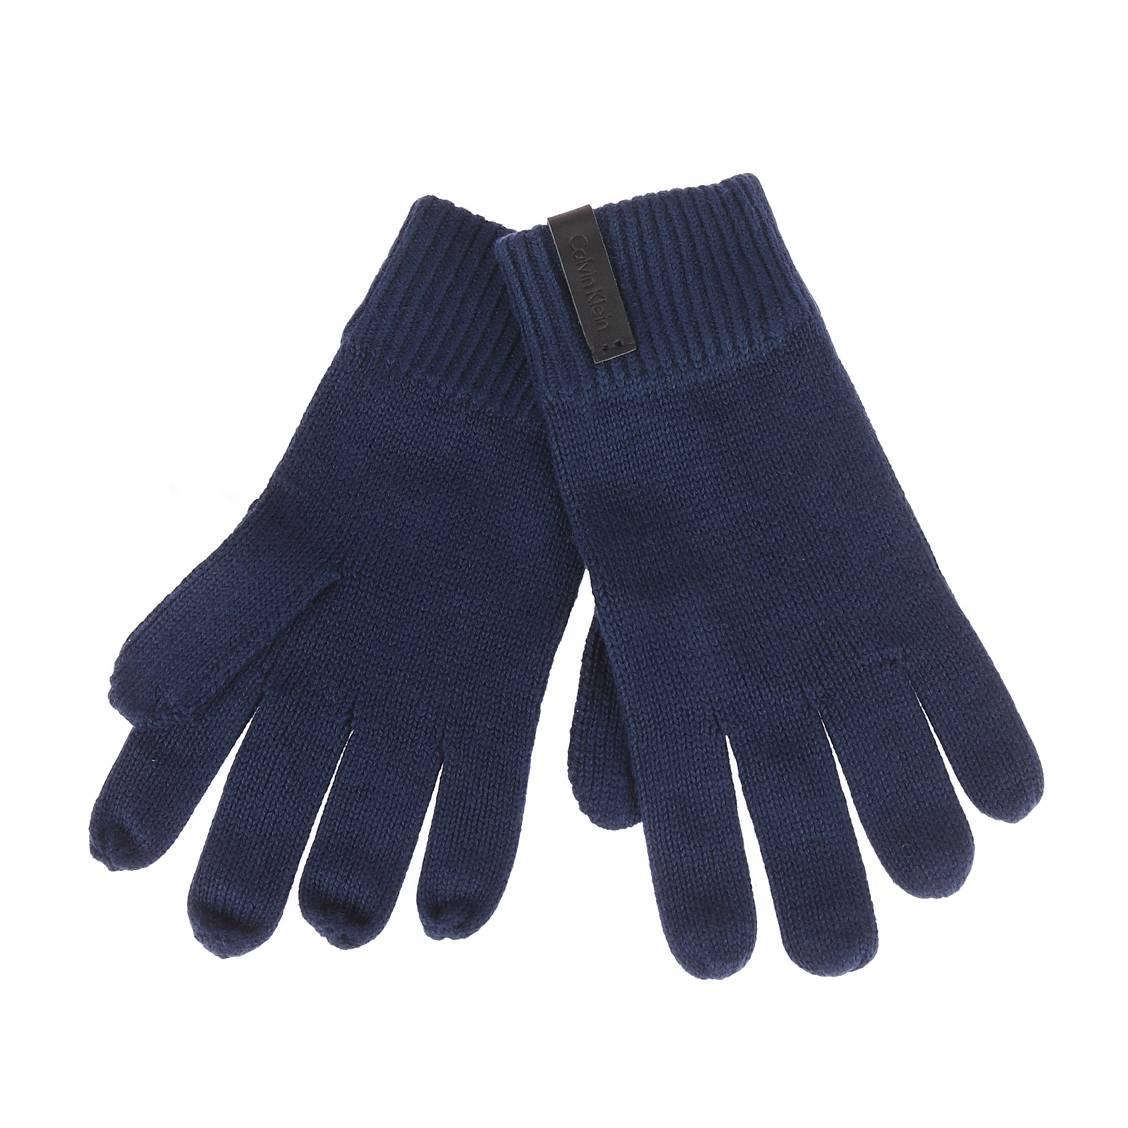 Gants  en coton et cachemire bleu marine